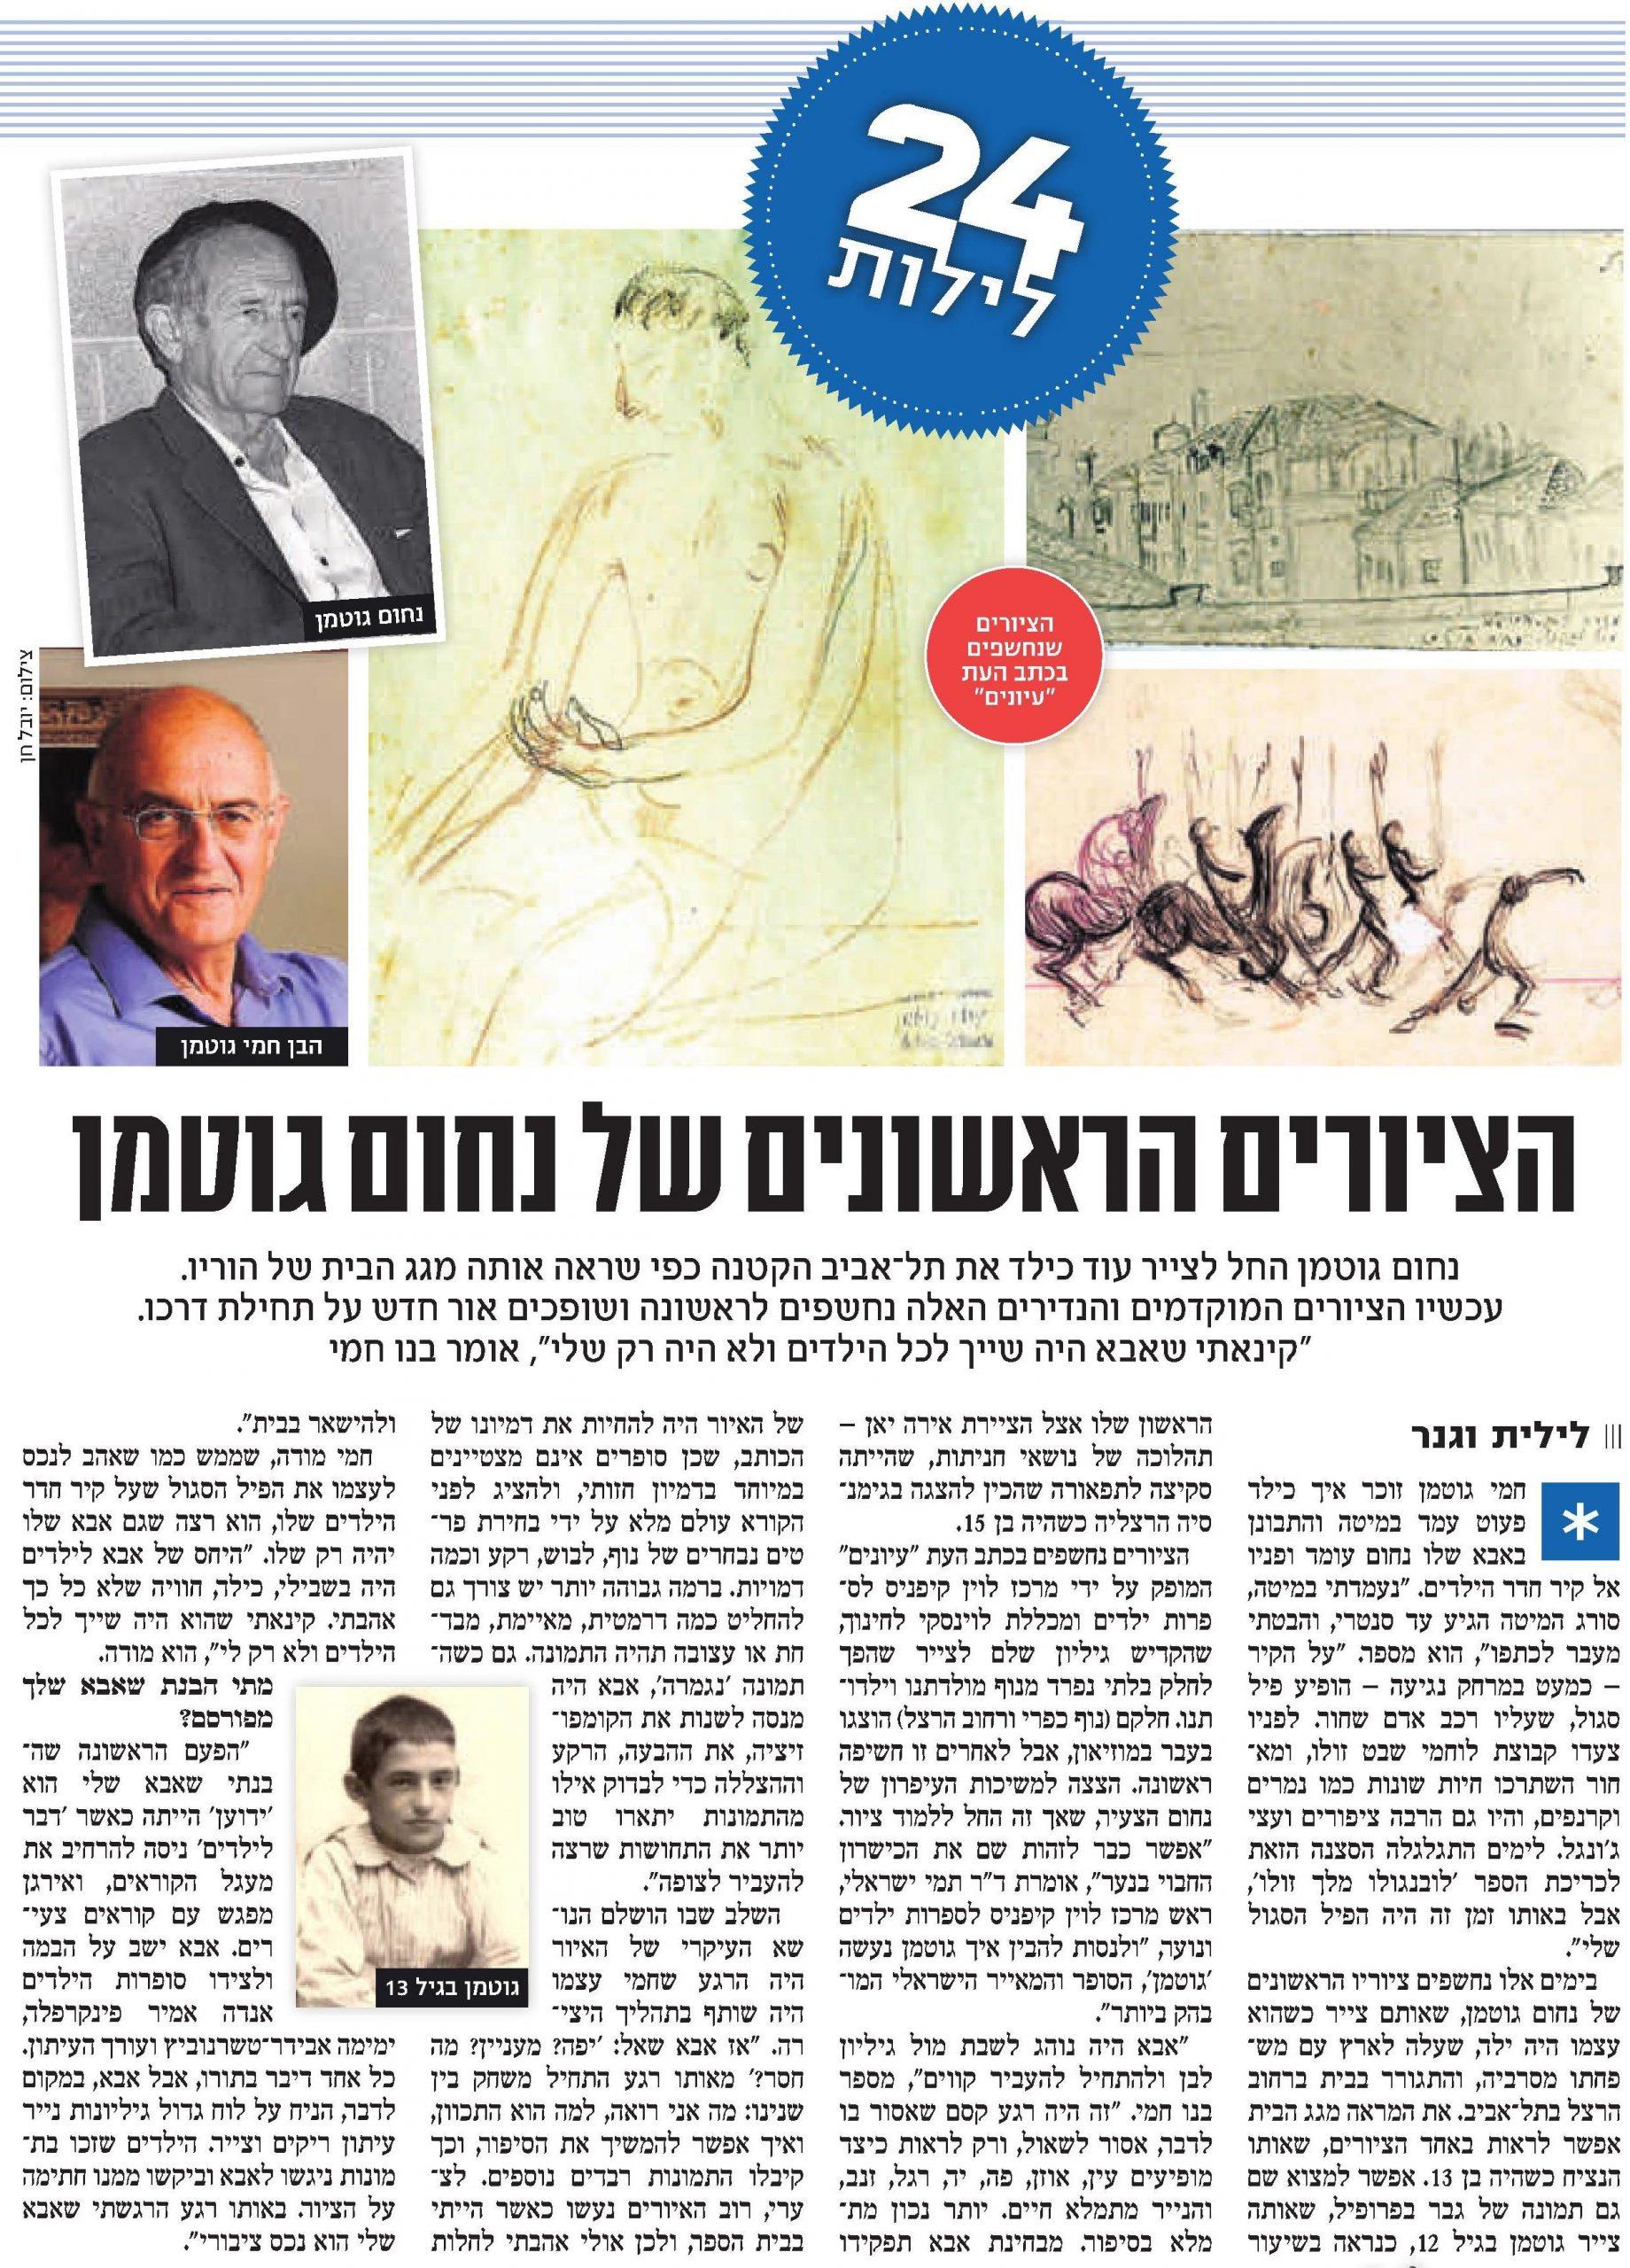 כתבה על הציורים הראשונים של נחום גוטמן